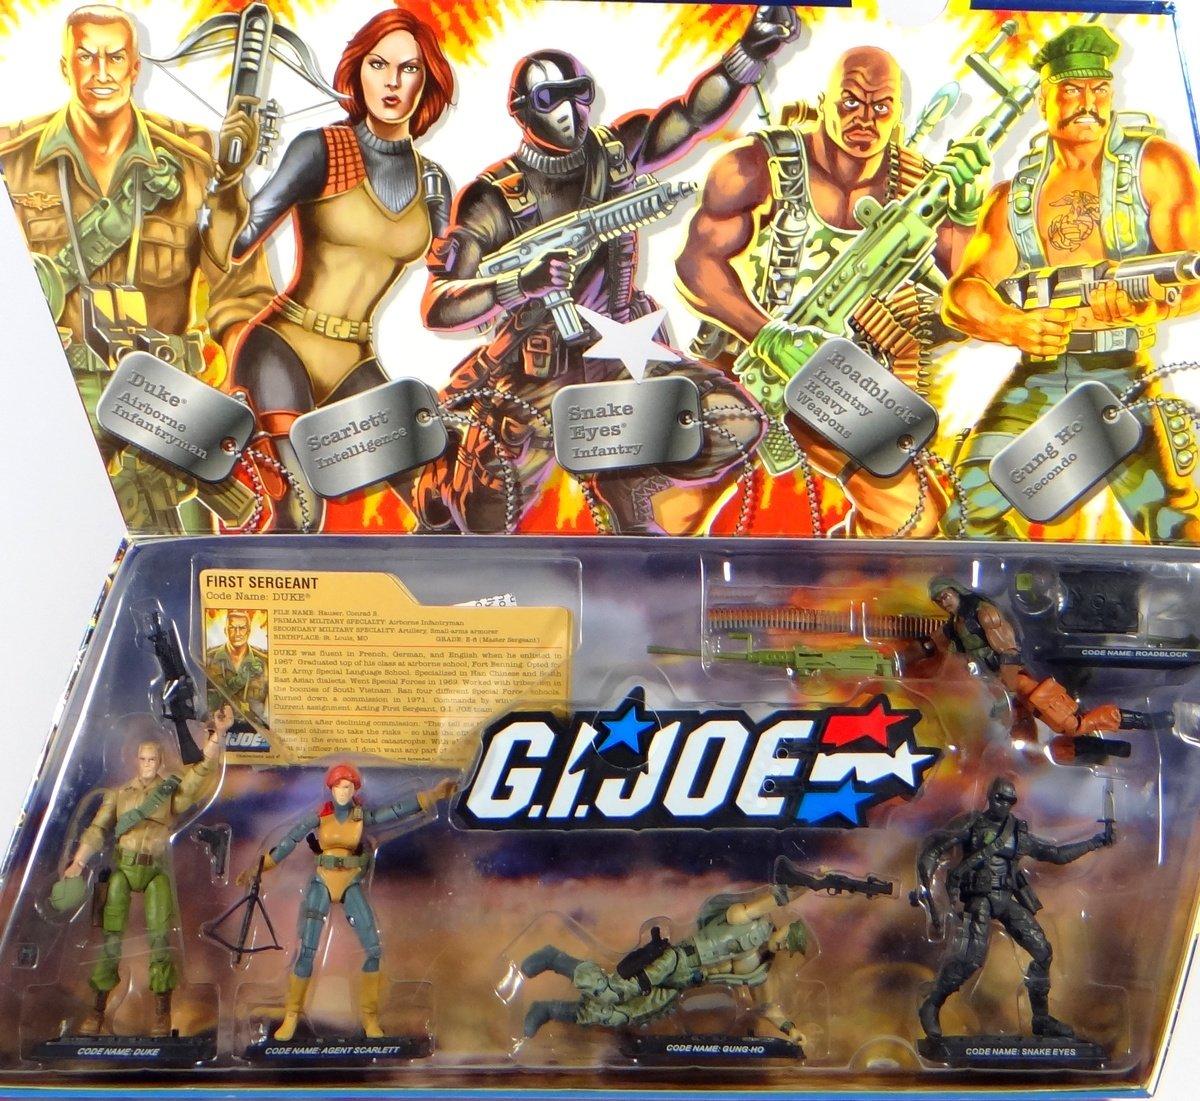 G.I. Joe Heroes mit 5 Actionfiguren & Sound 25th Anniversary Collector Set von Hasbro günstig bestellen